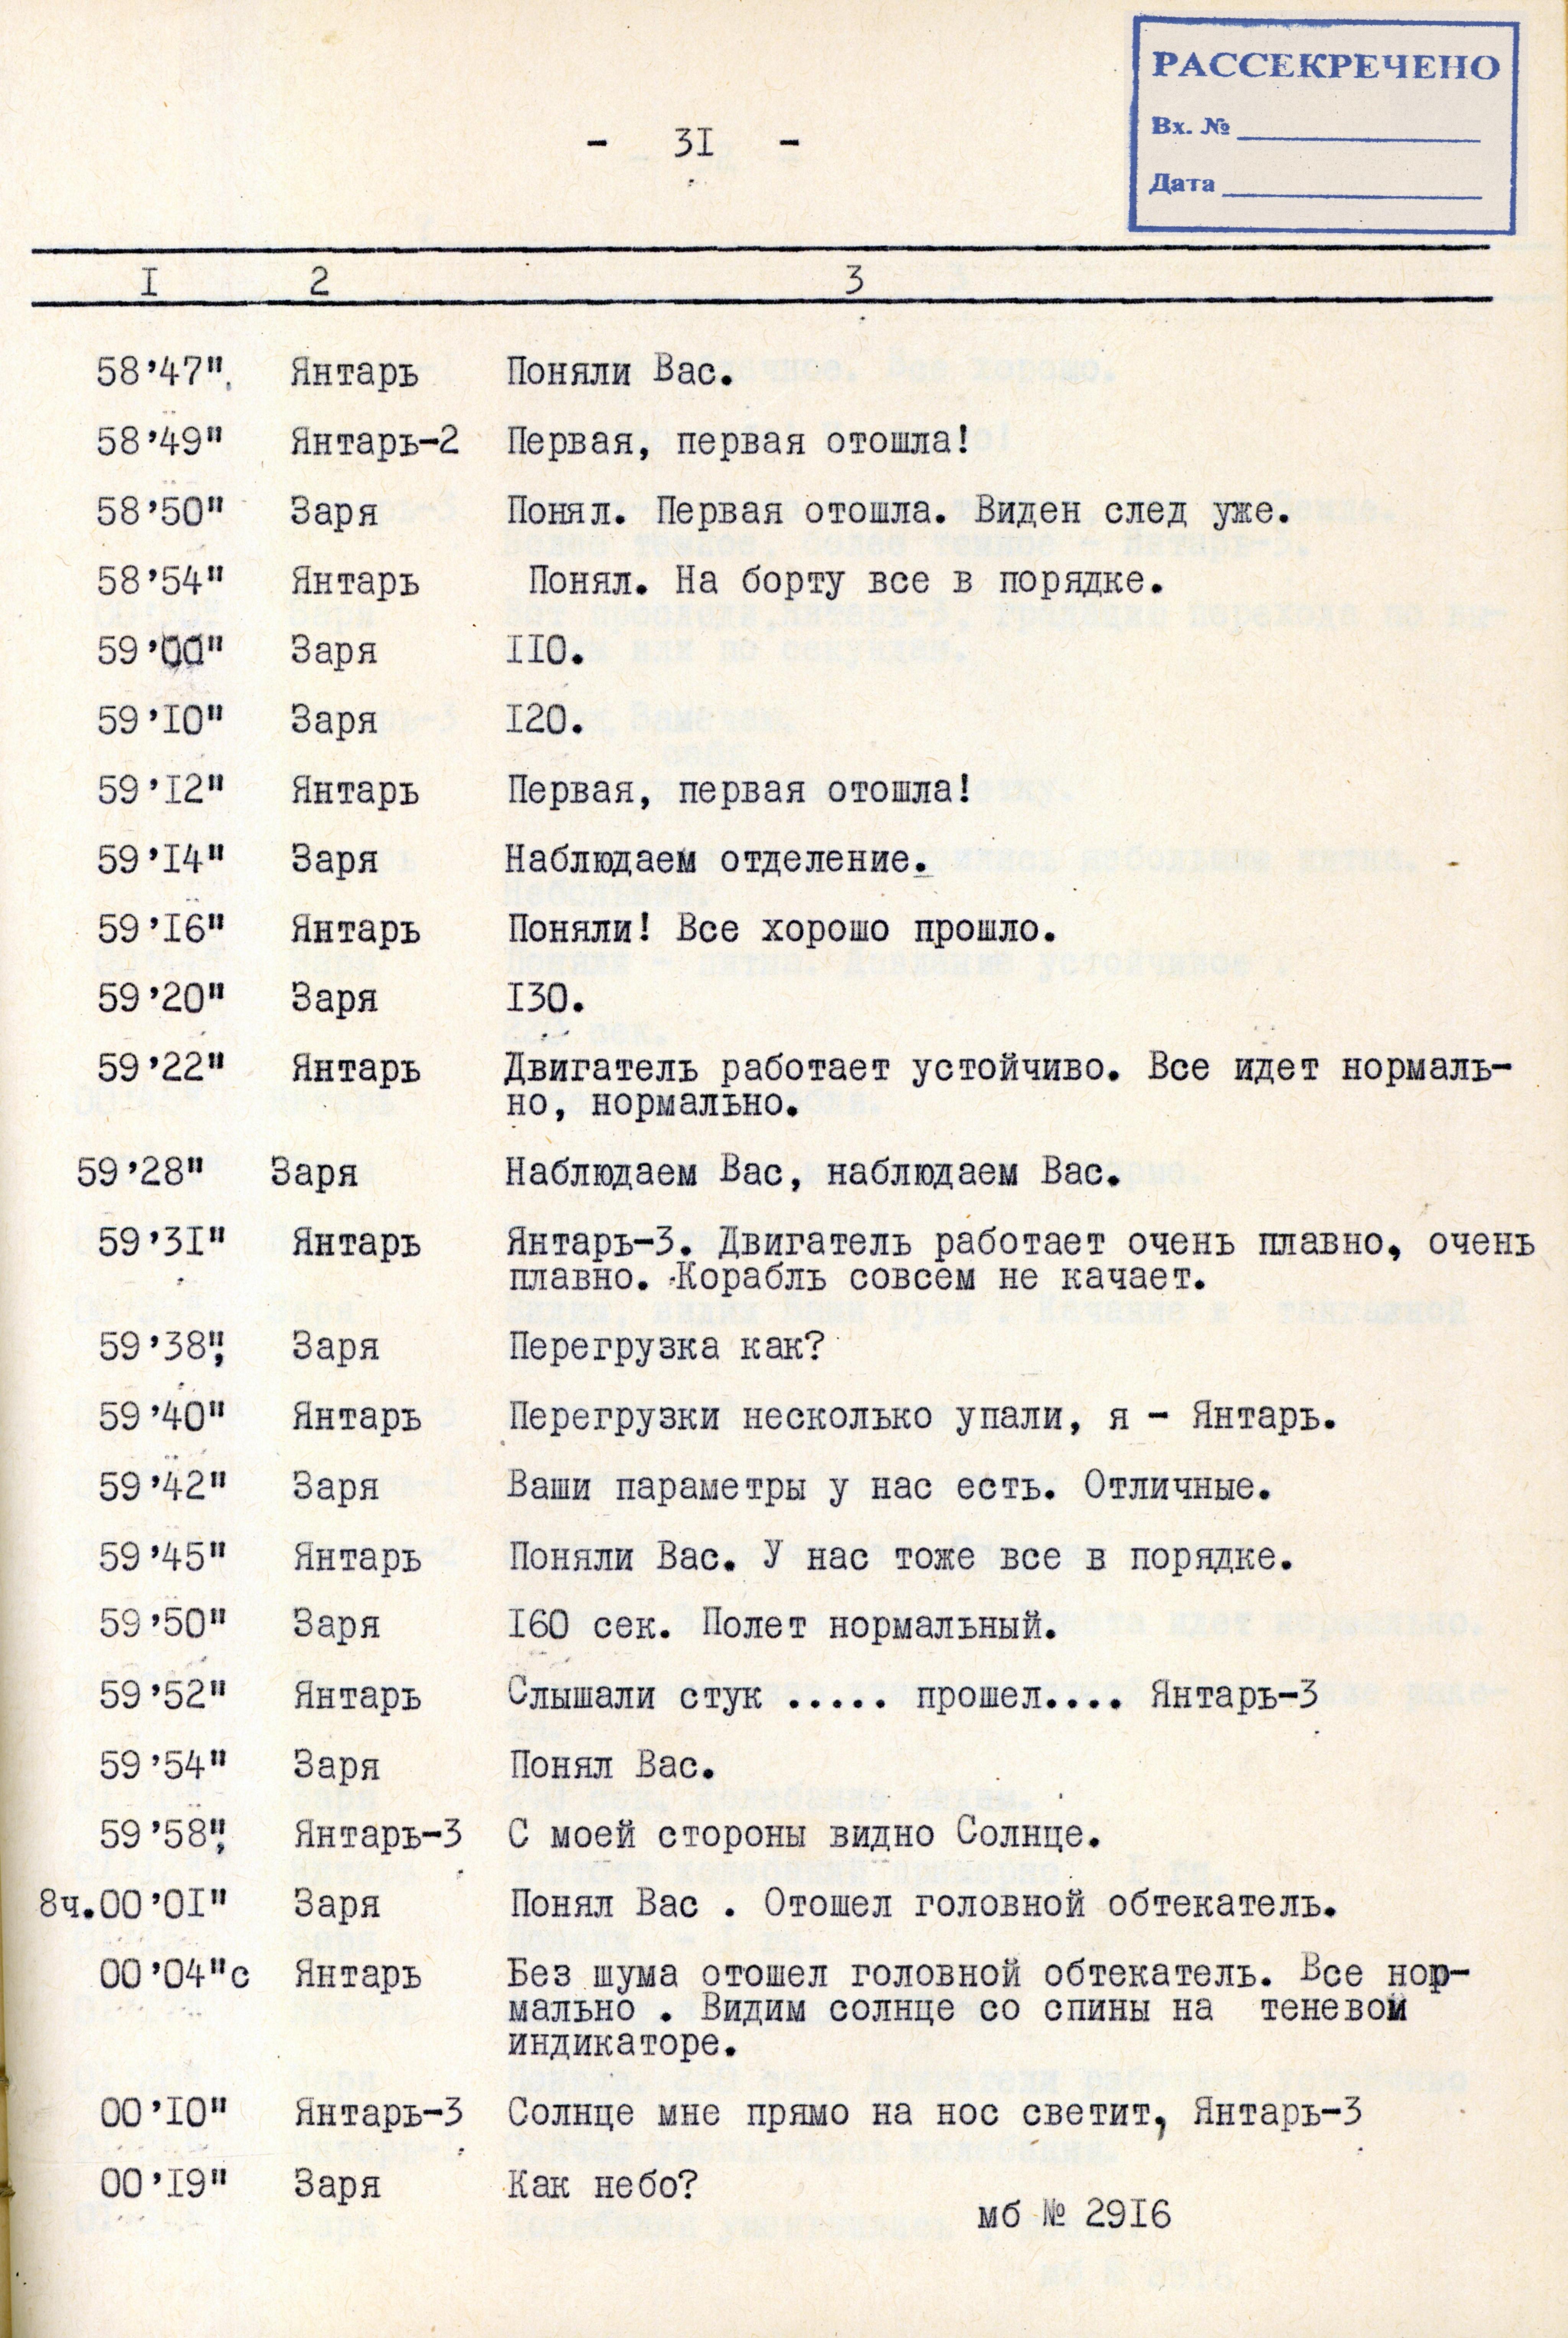 Рассекреченный документ, с.10